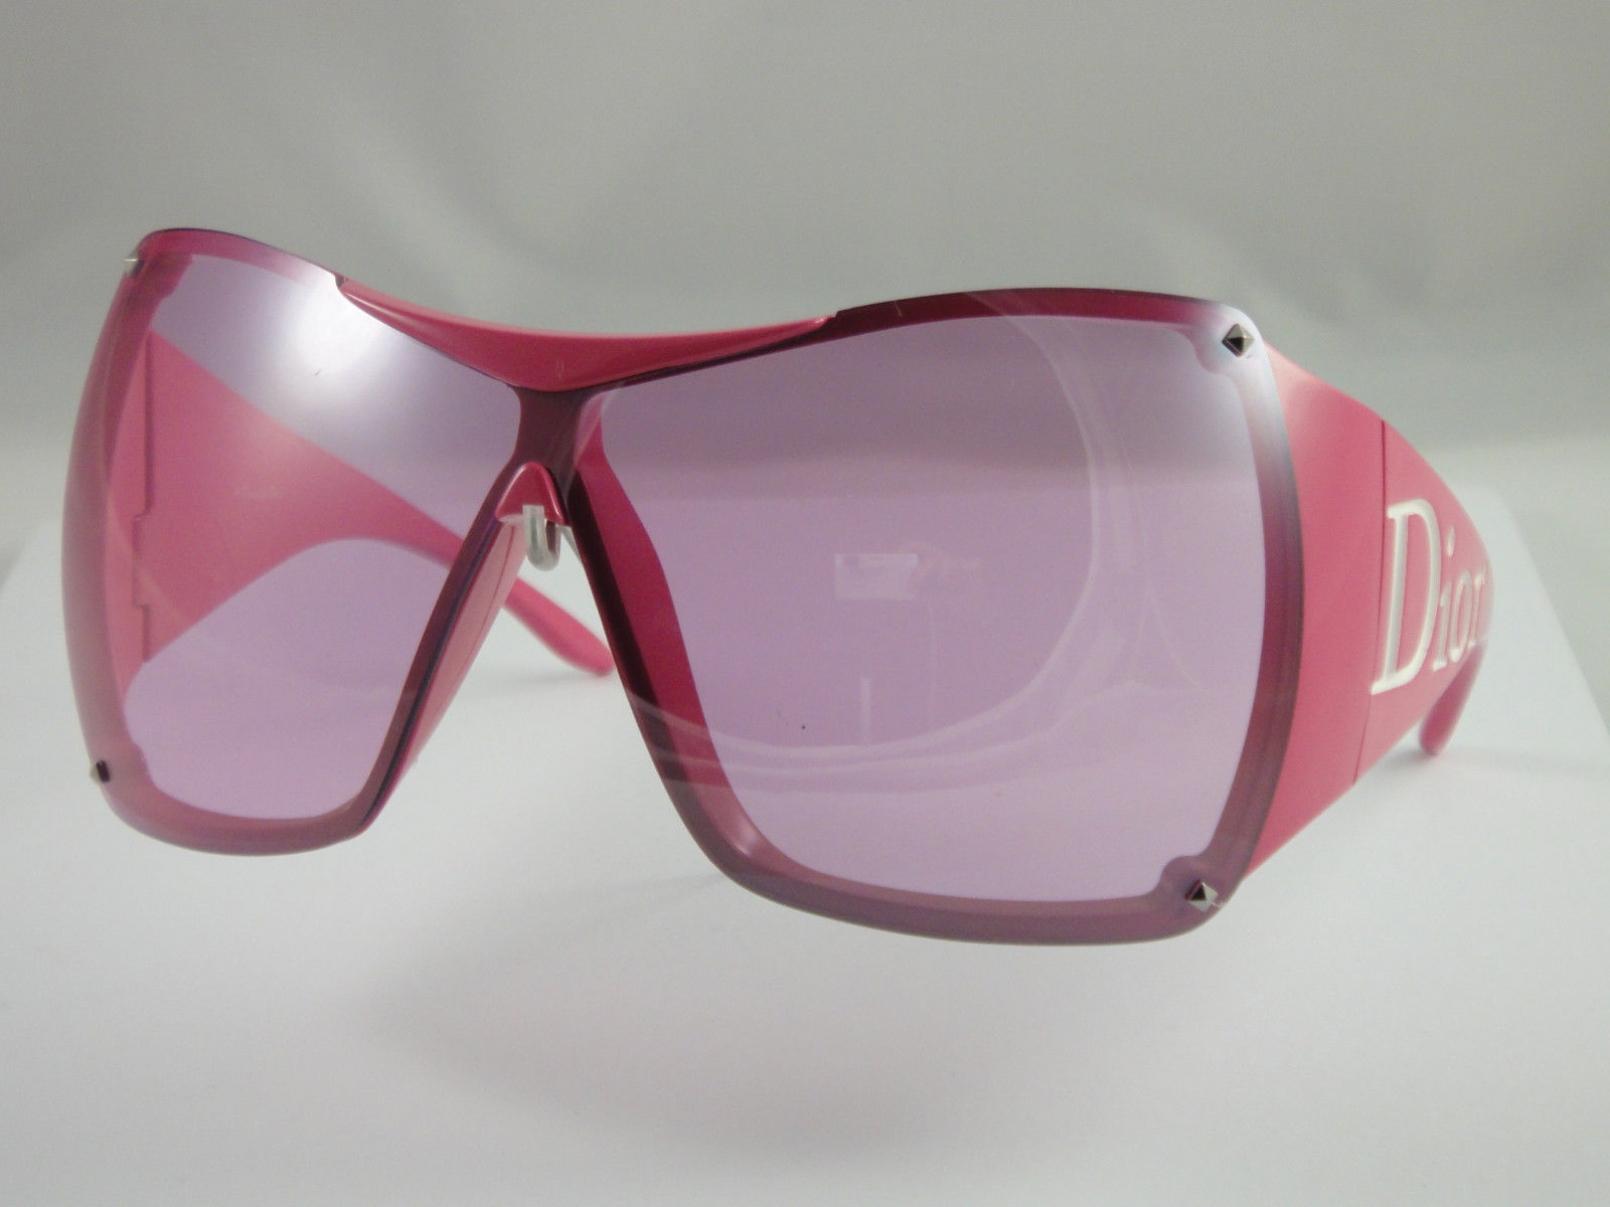 3d0f8e726665e Christian Dior Overshine 1 Sunglasses